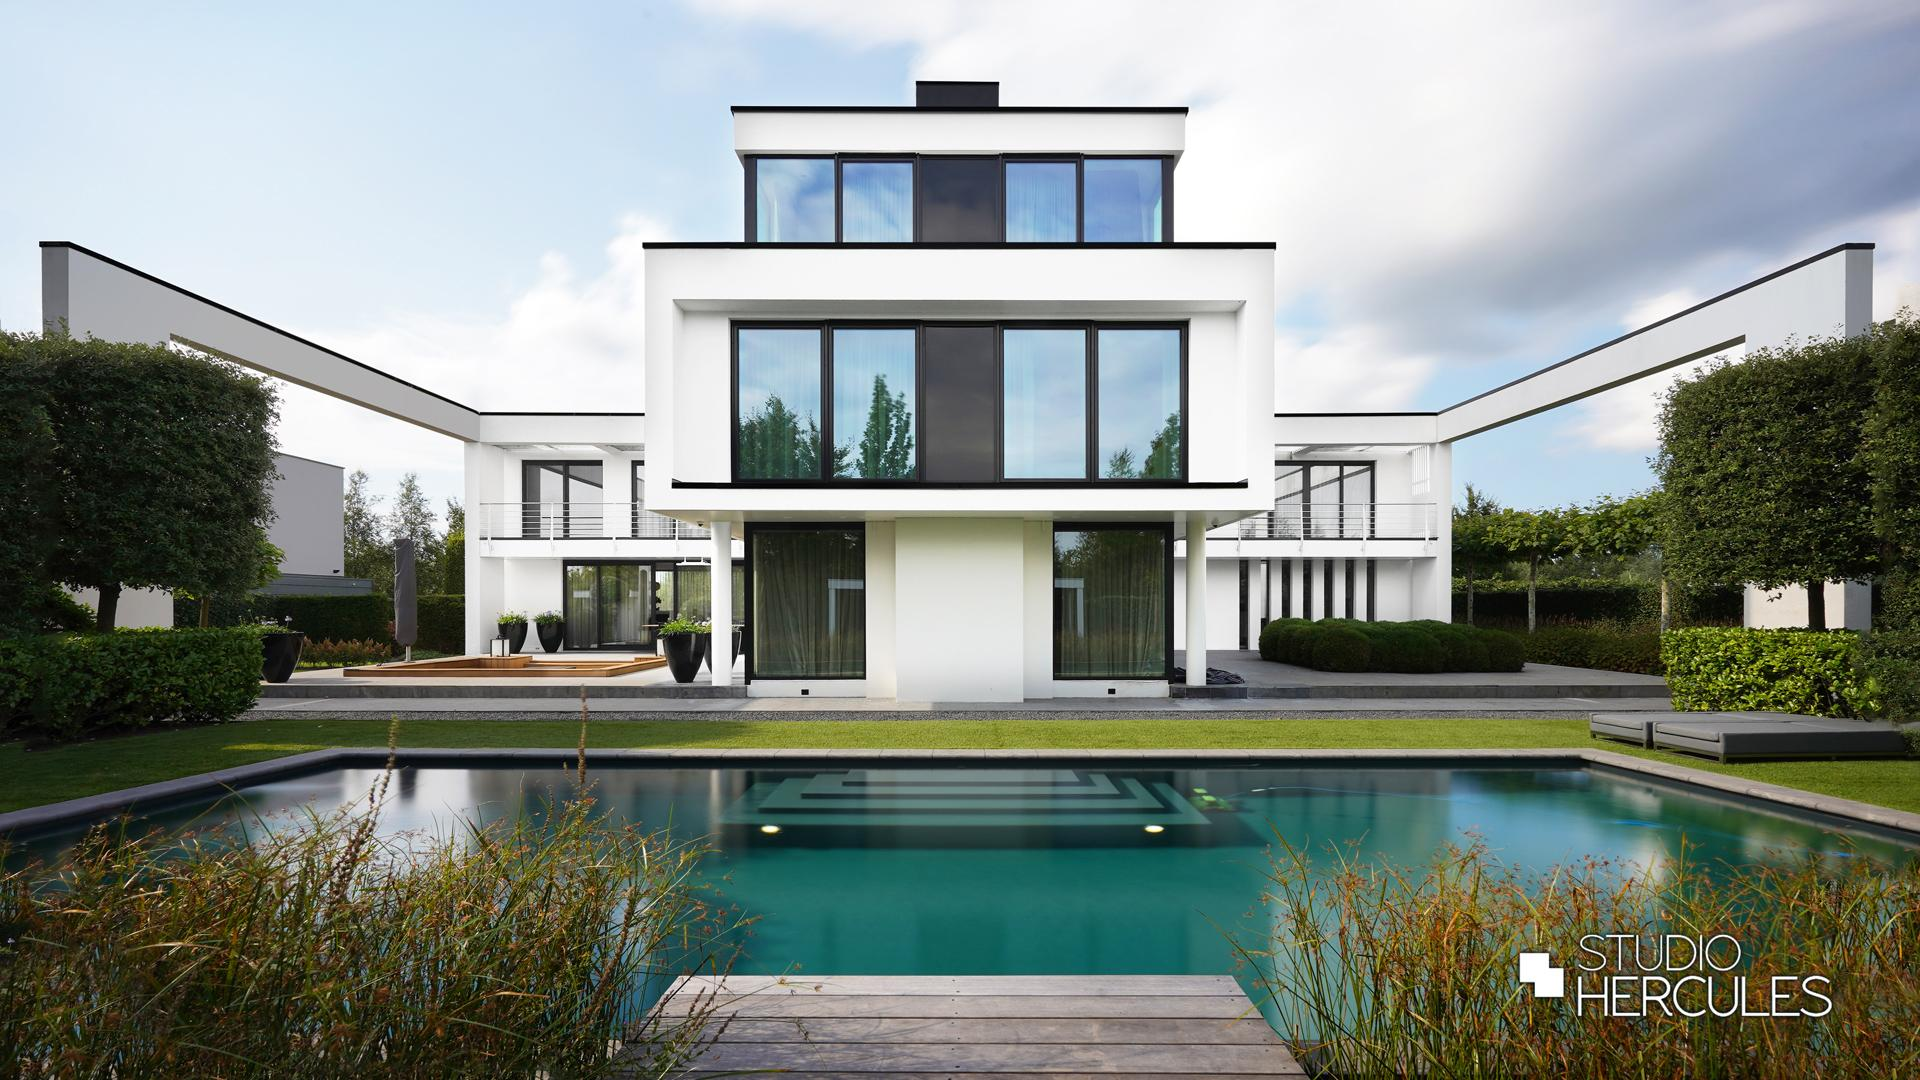 StudioHercules Symmetrische architectuur met moderne strakke lijnen.